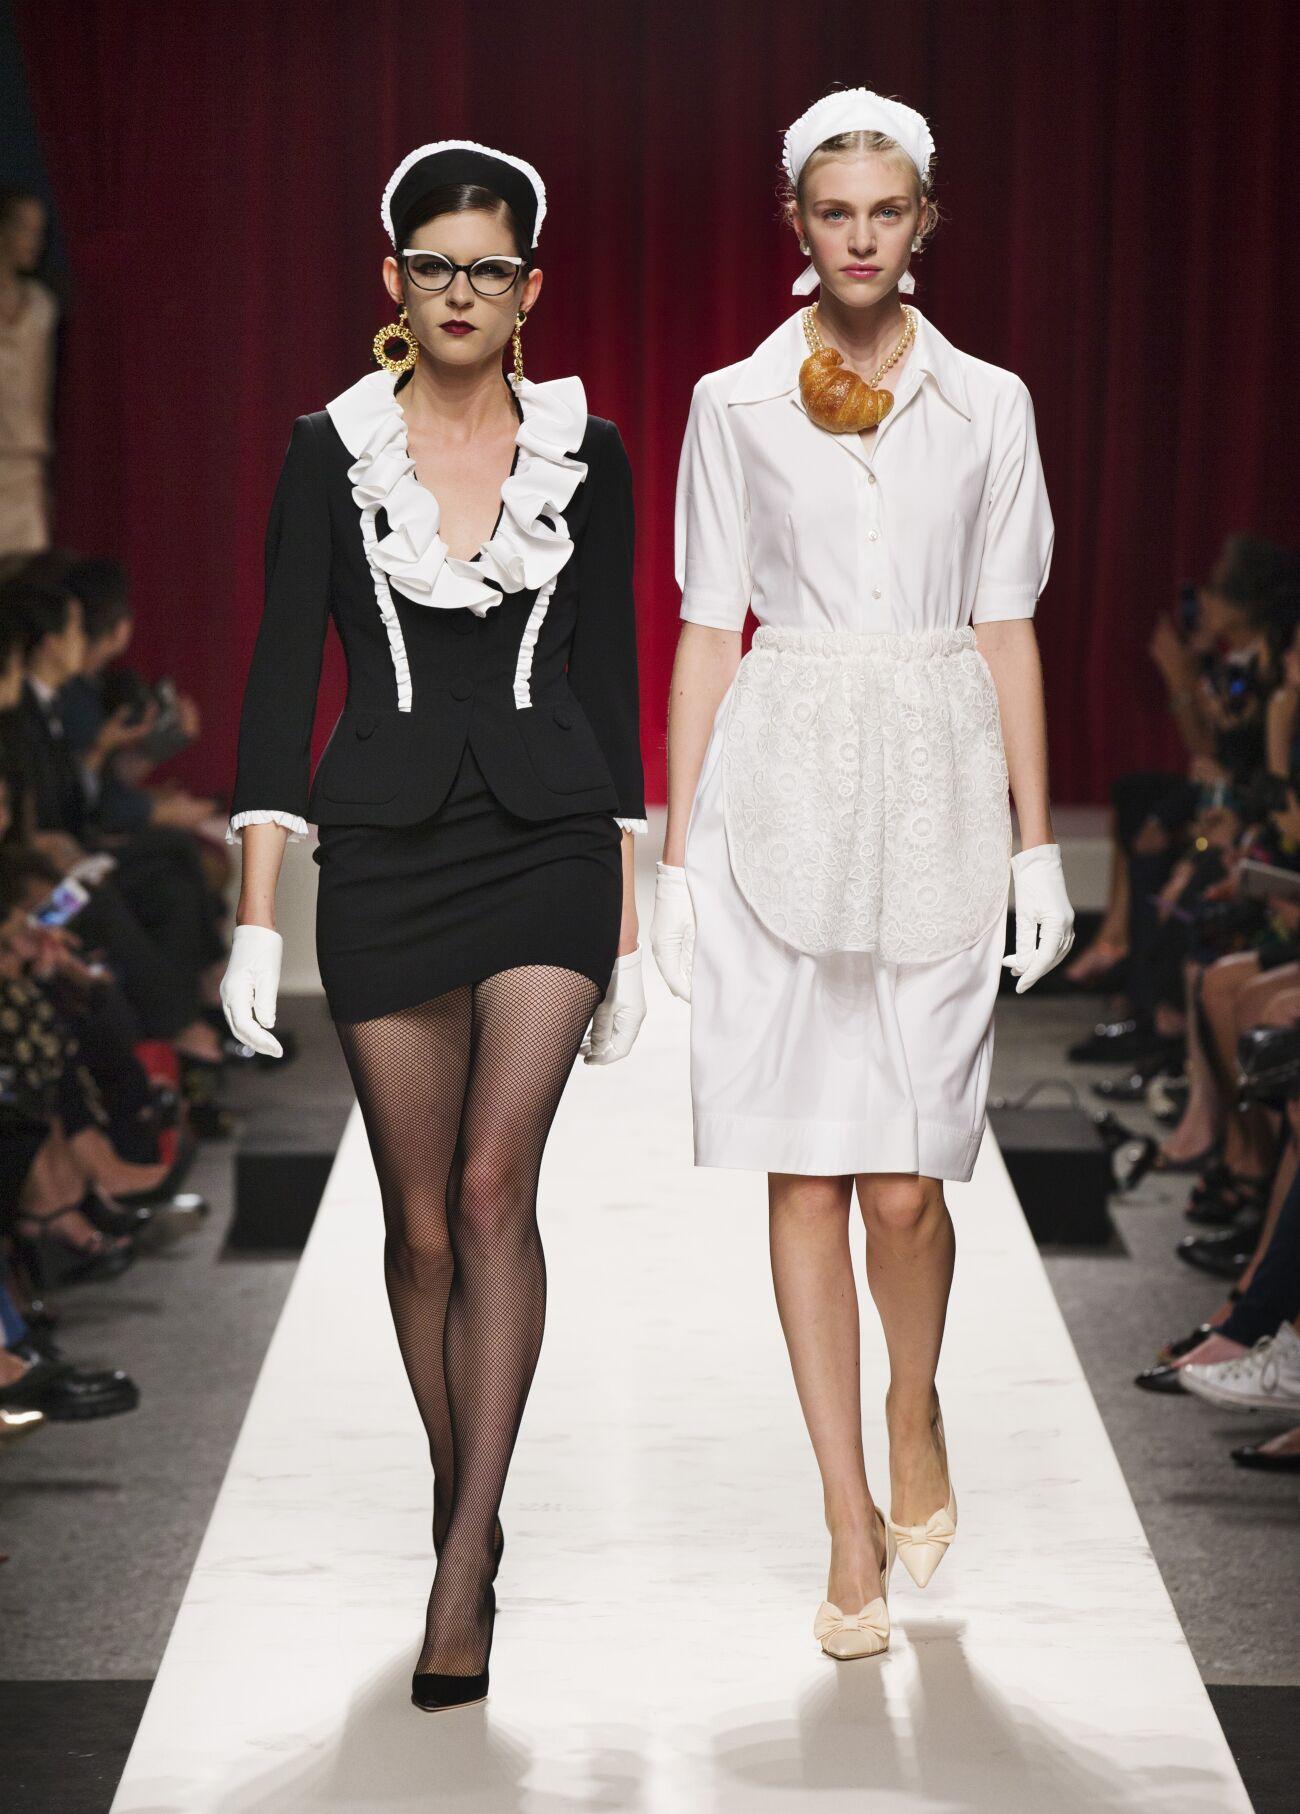 Spring 2014 Woman Fashion Show Moschino